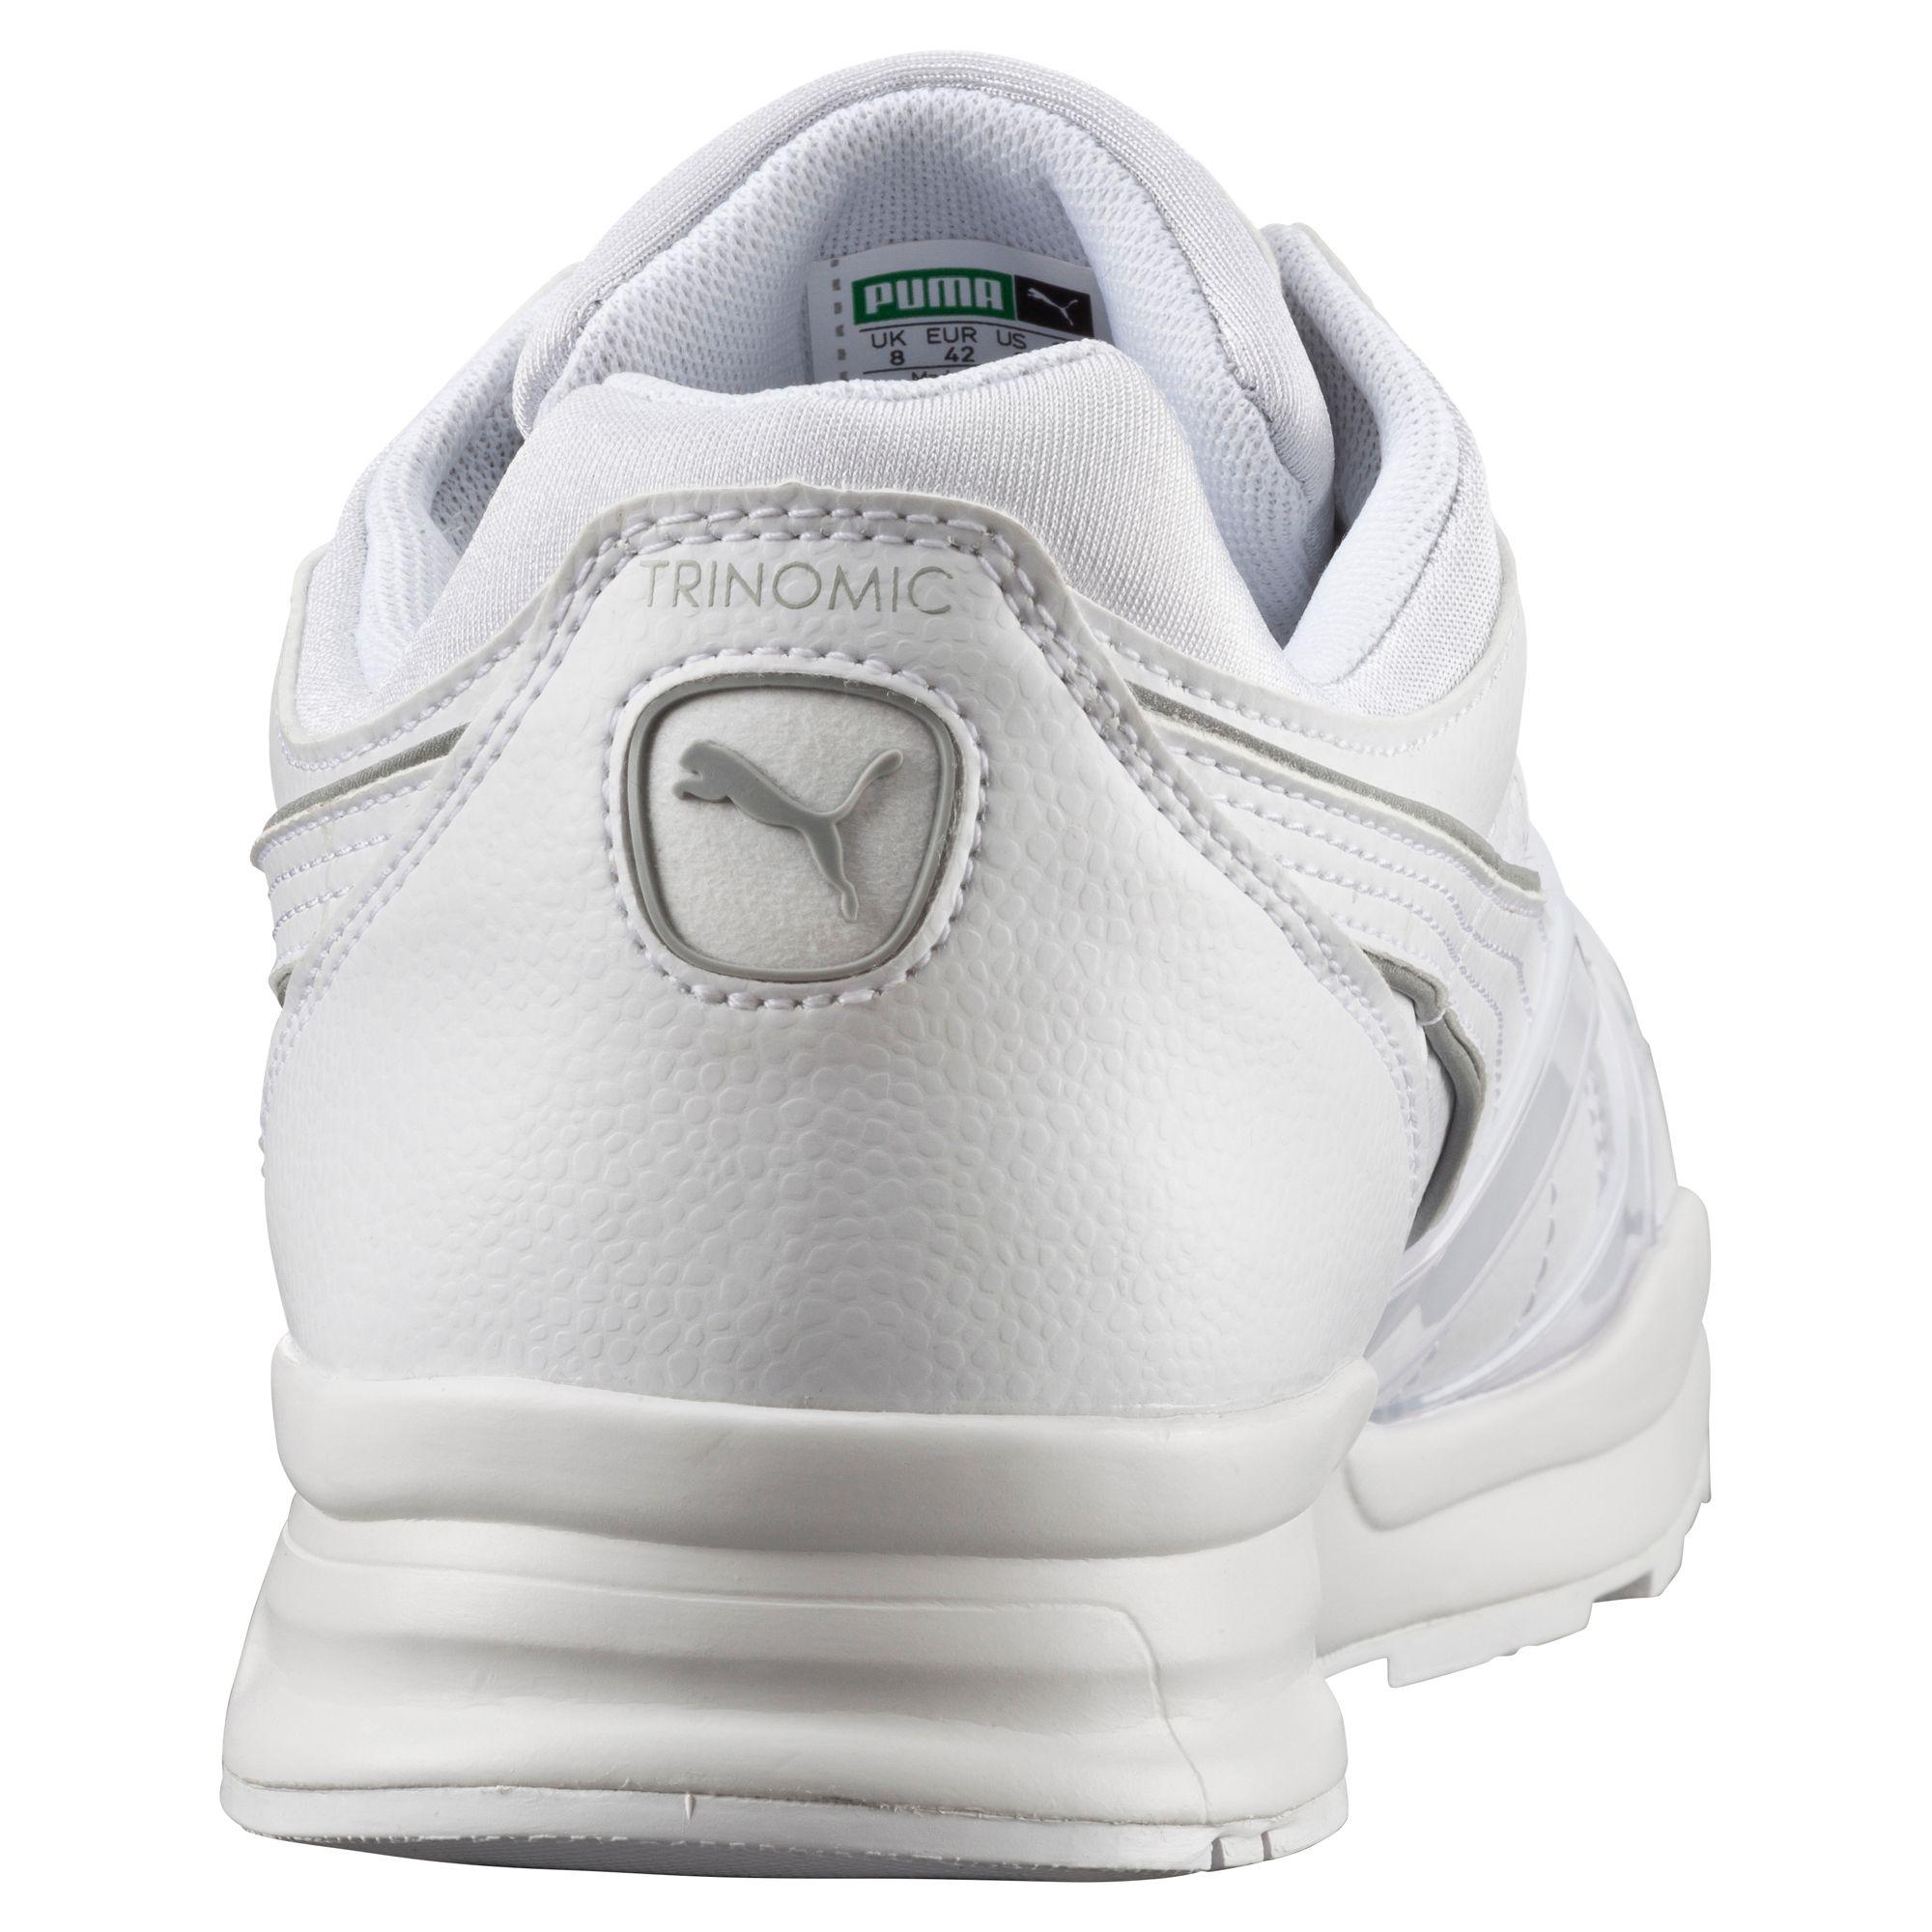 PUMA-TRINOMIC-XT1-Reflectriple-Calzado-Zapatillas-Deportes-tradicionales-Hombre